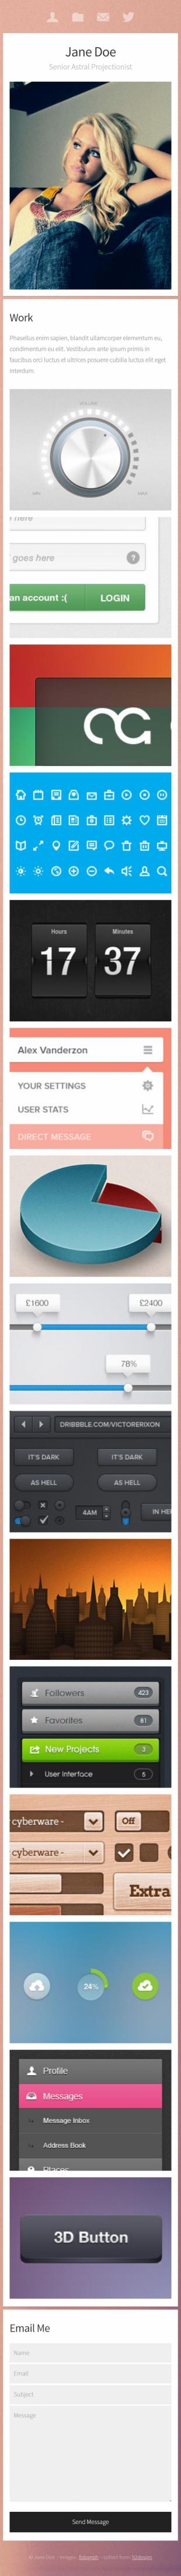 单页个人博客类英文模板网站制作响应式网站手机图片